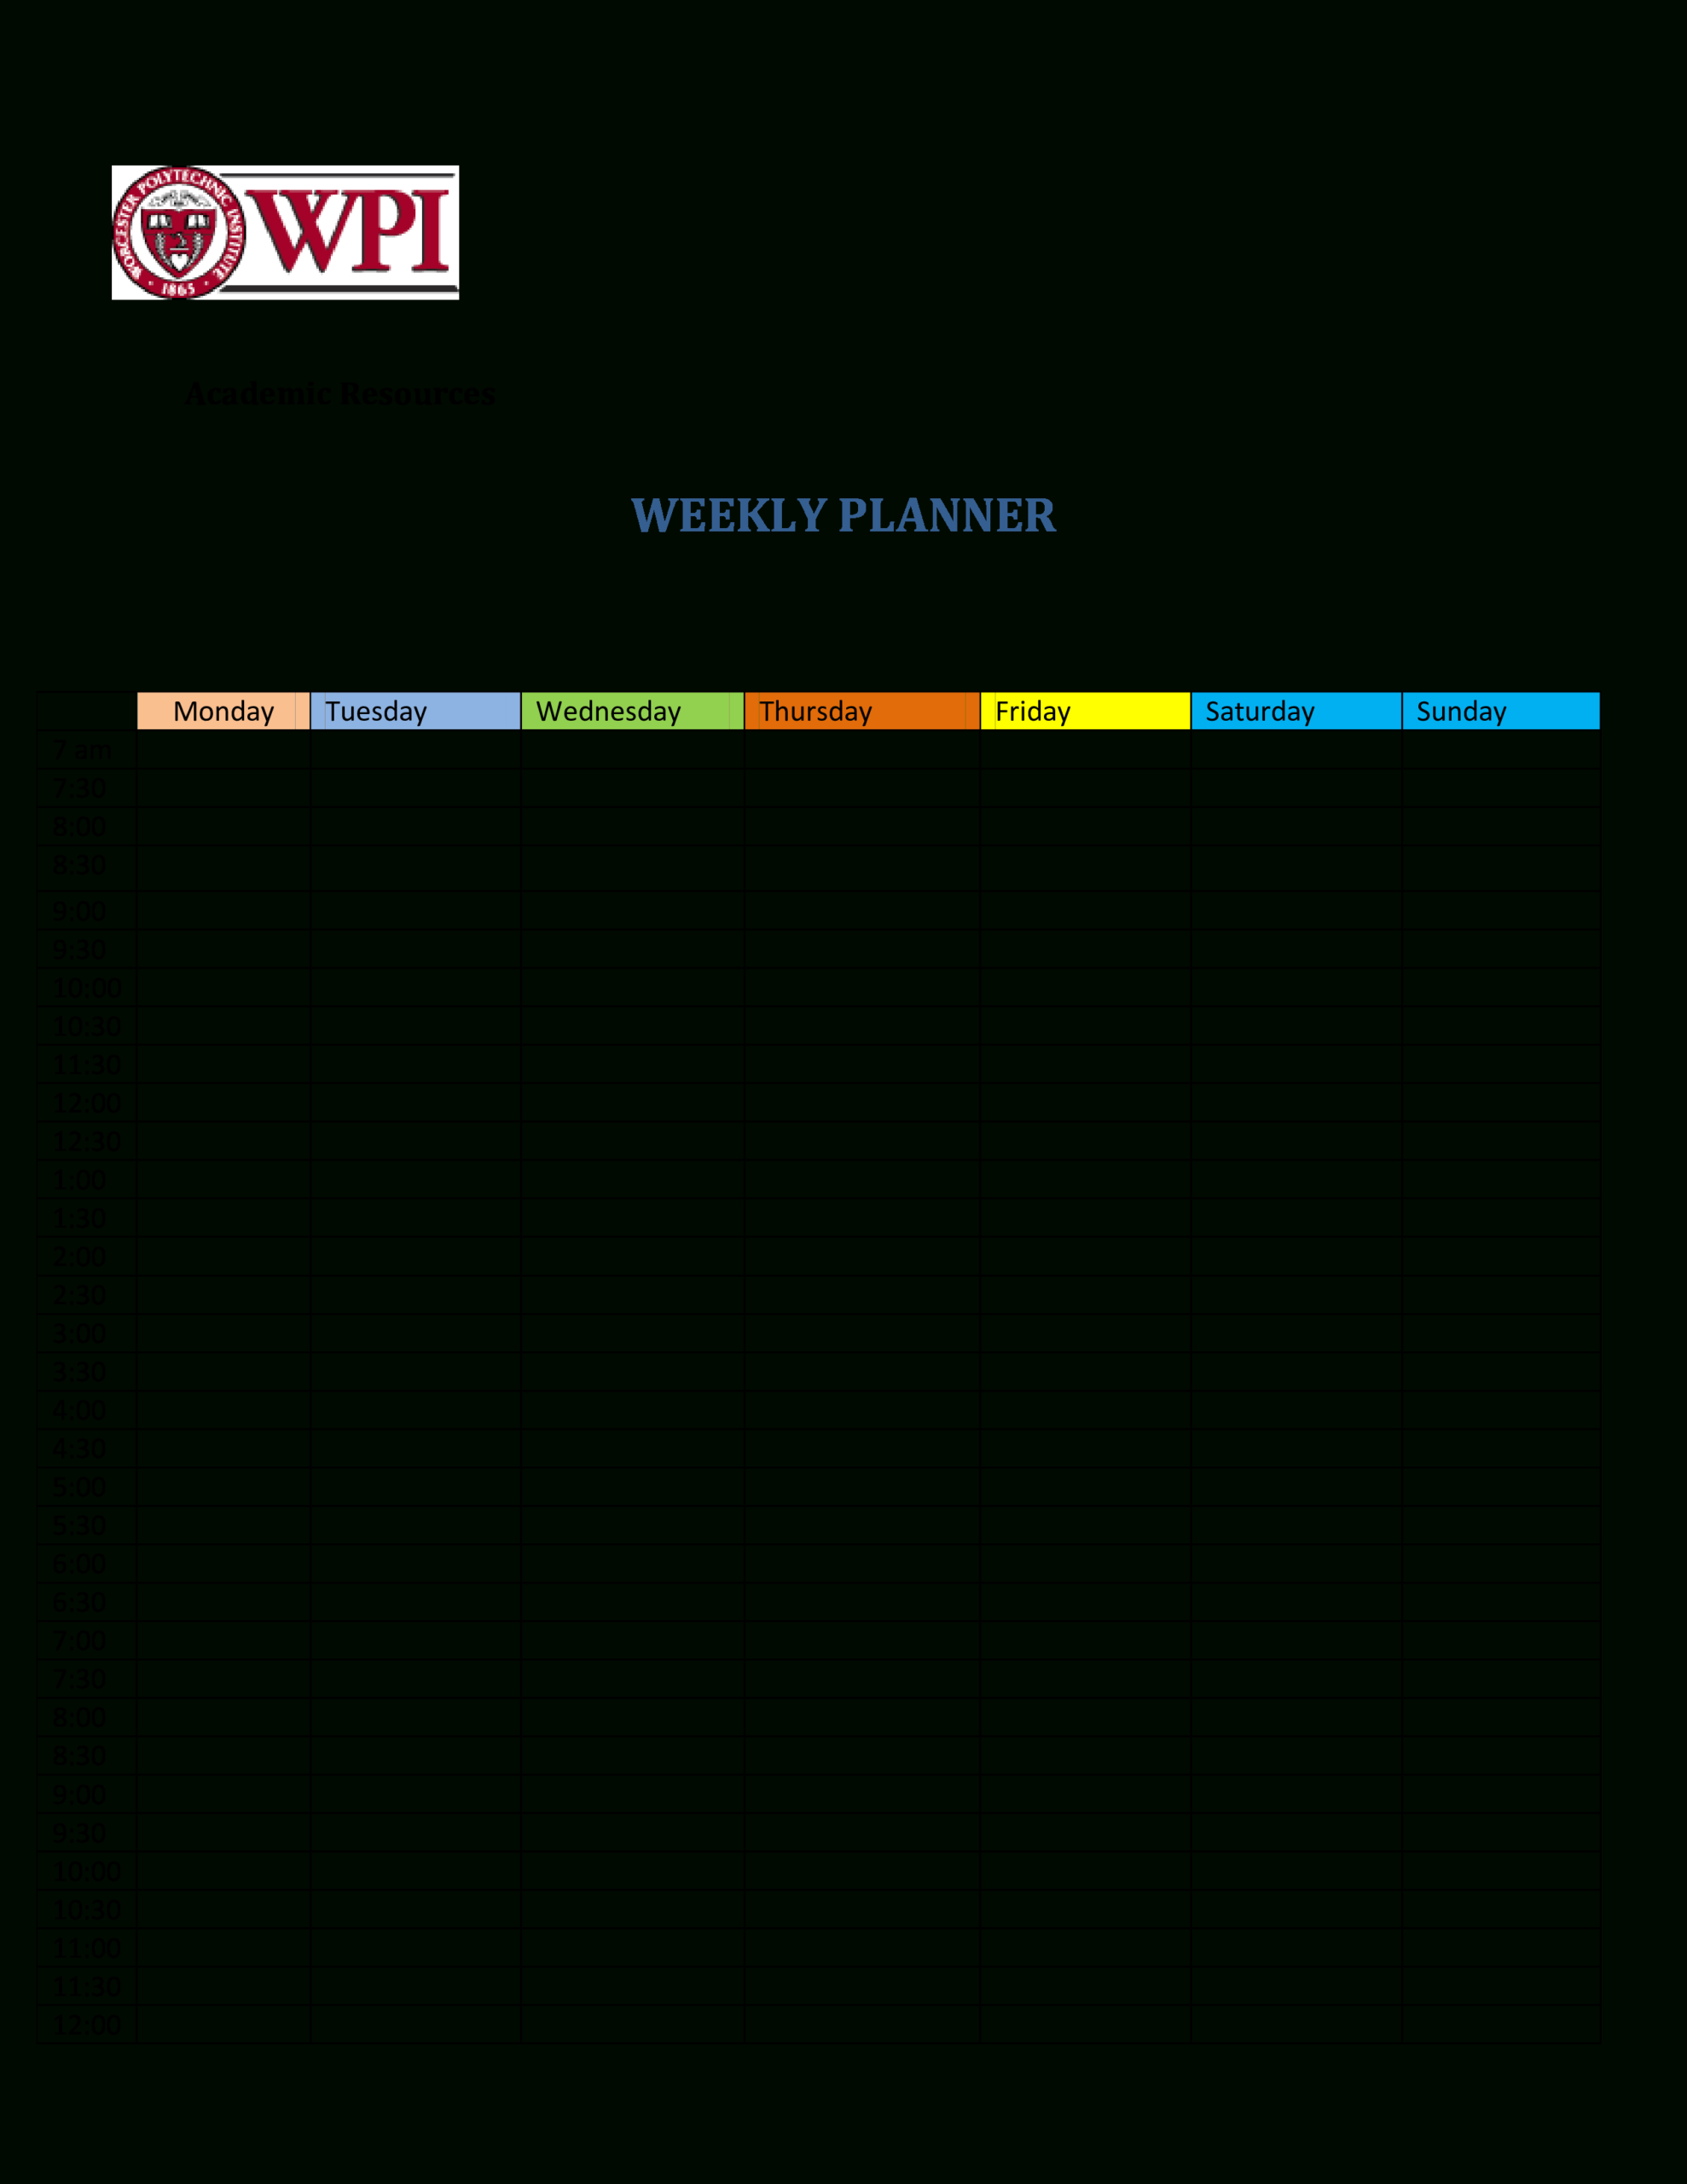 Kostenloses Printable Weekly Planner